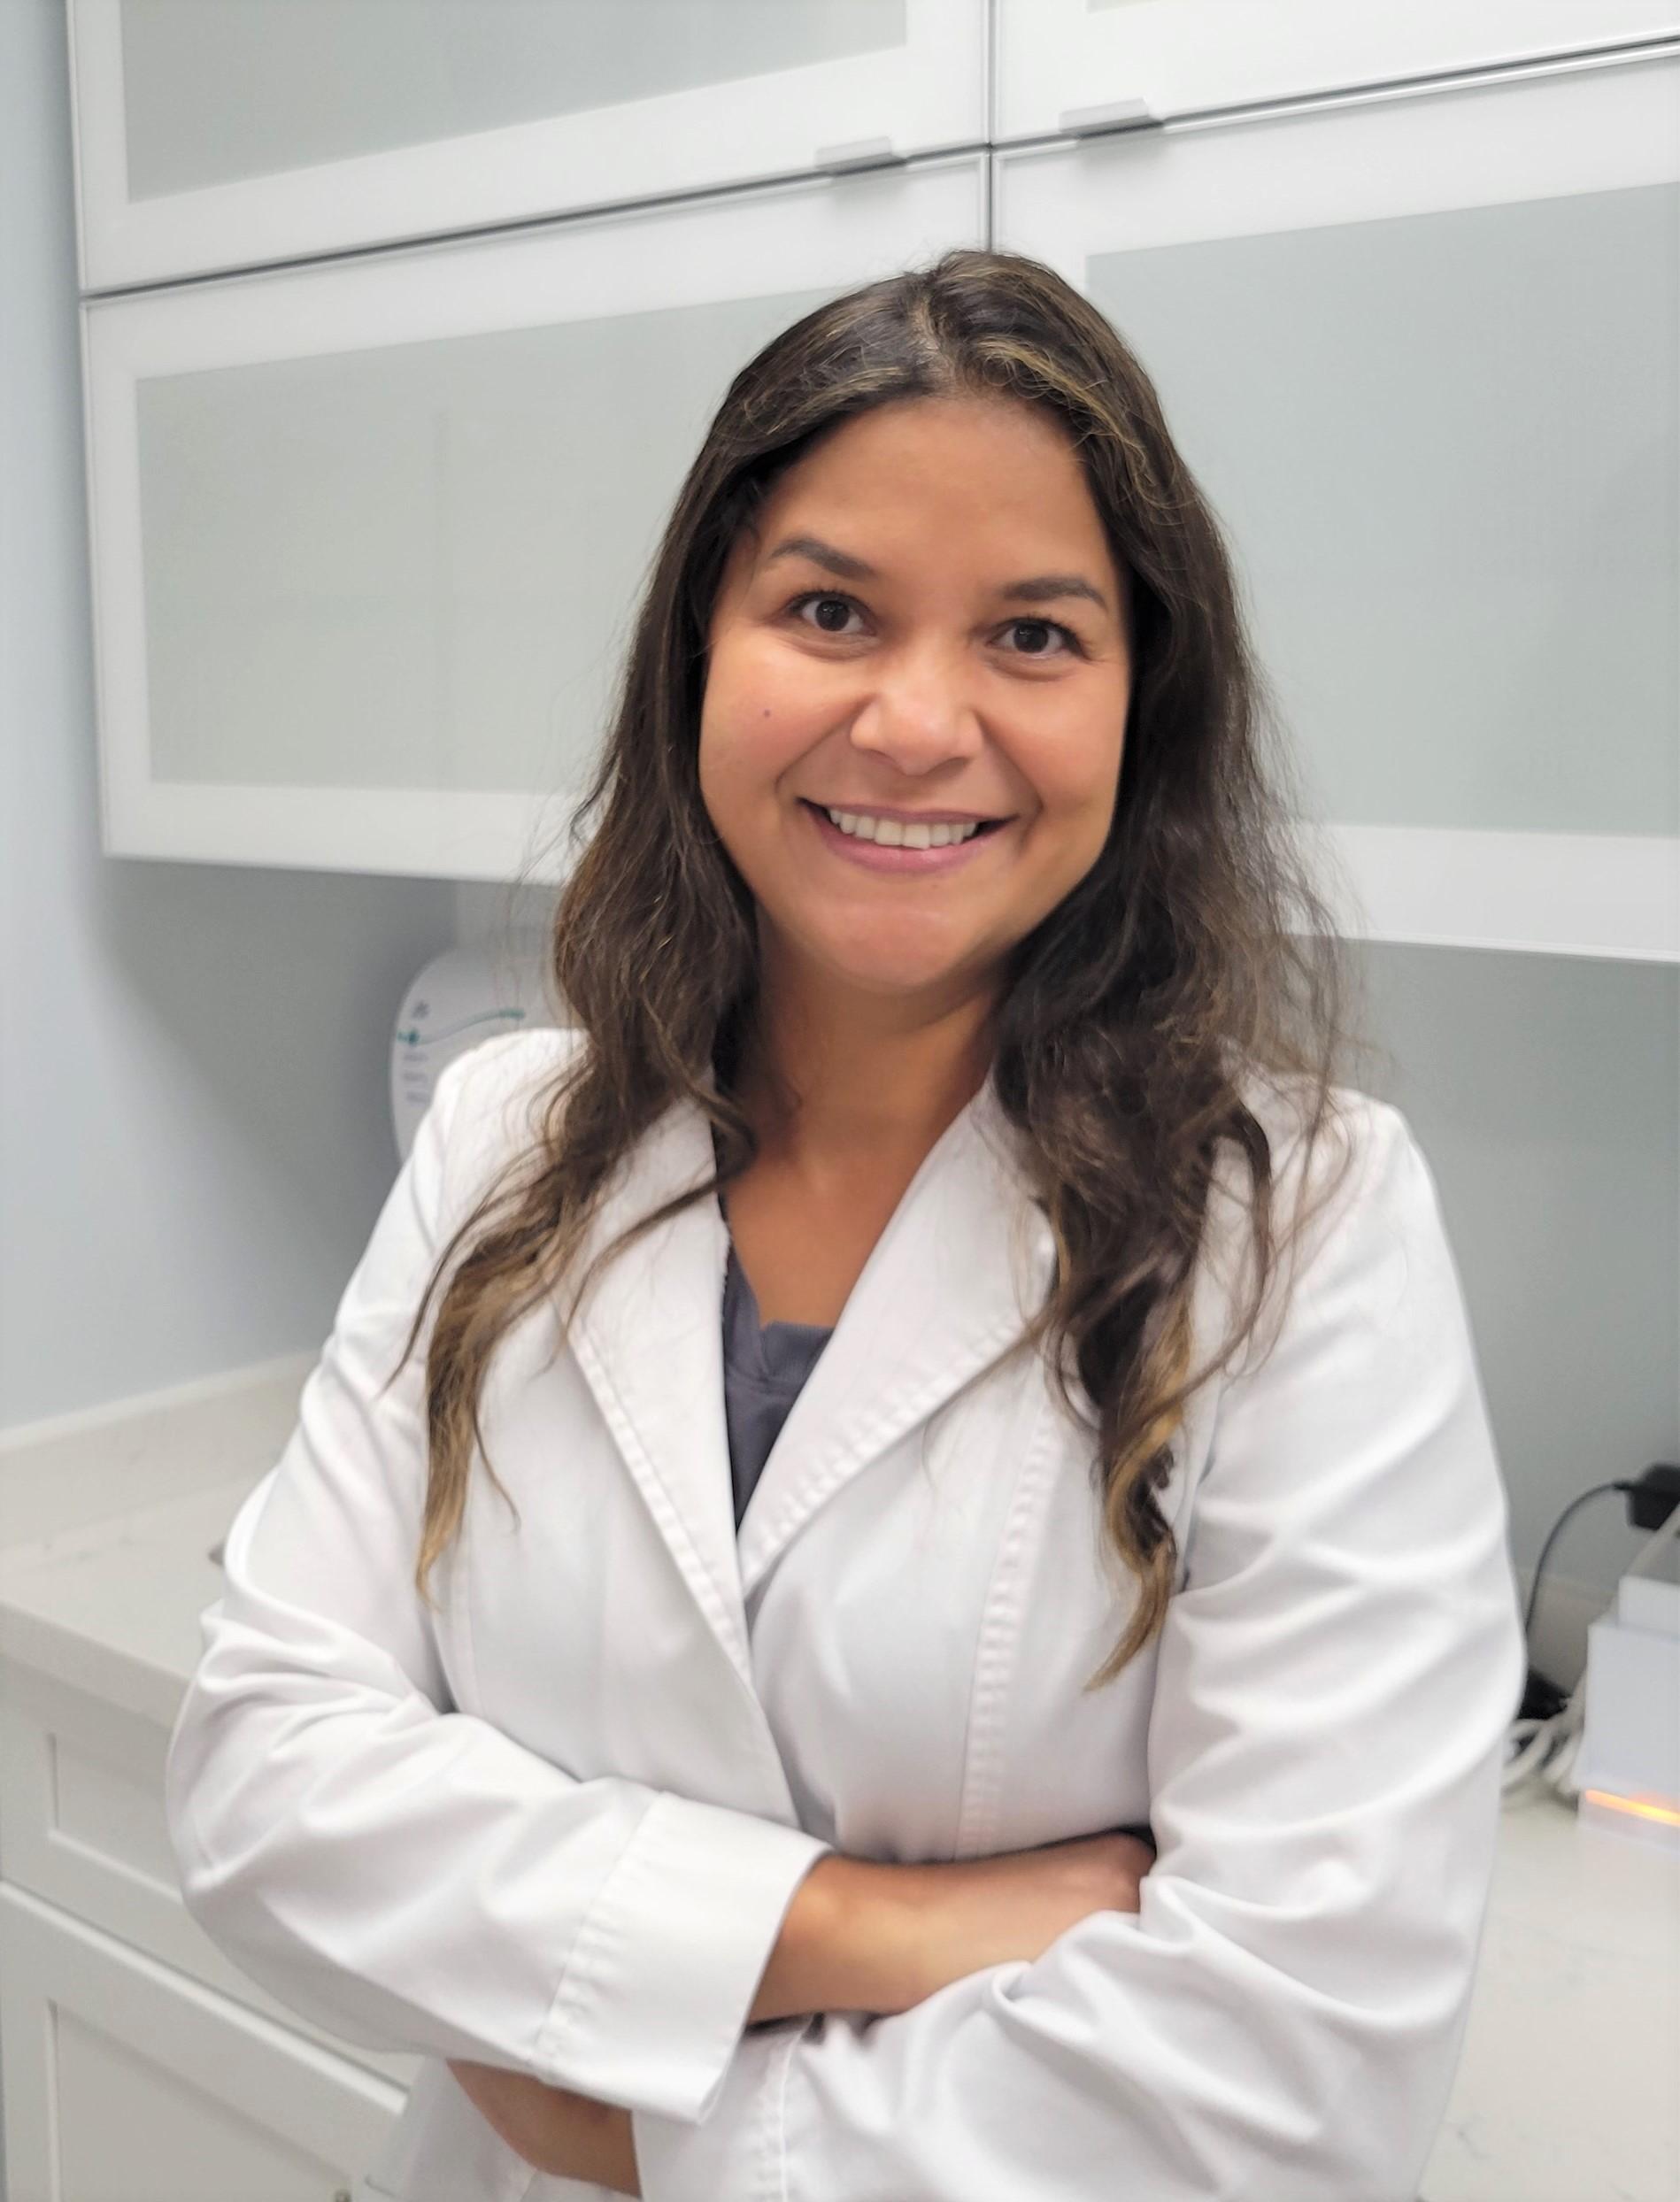 Dr. Sheila Butler